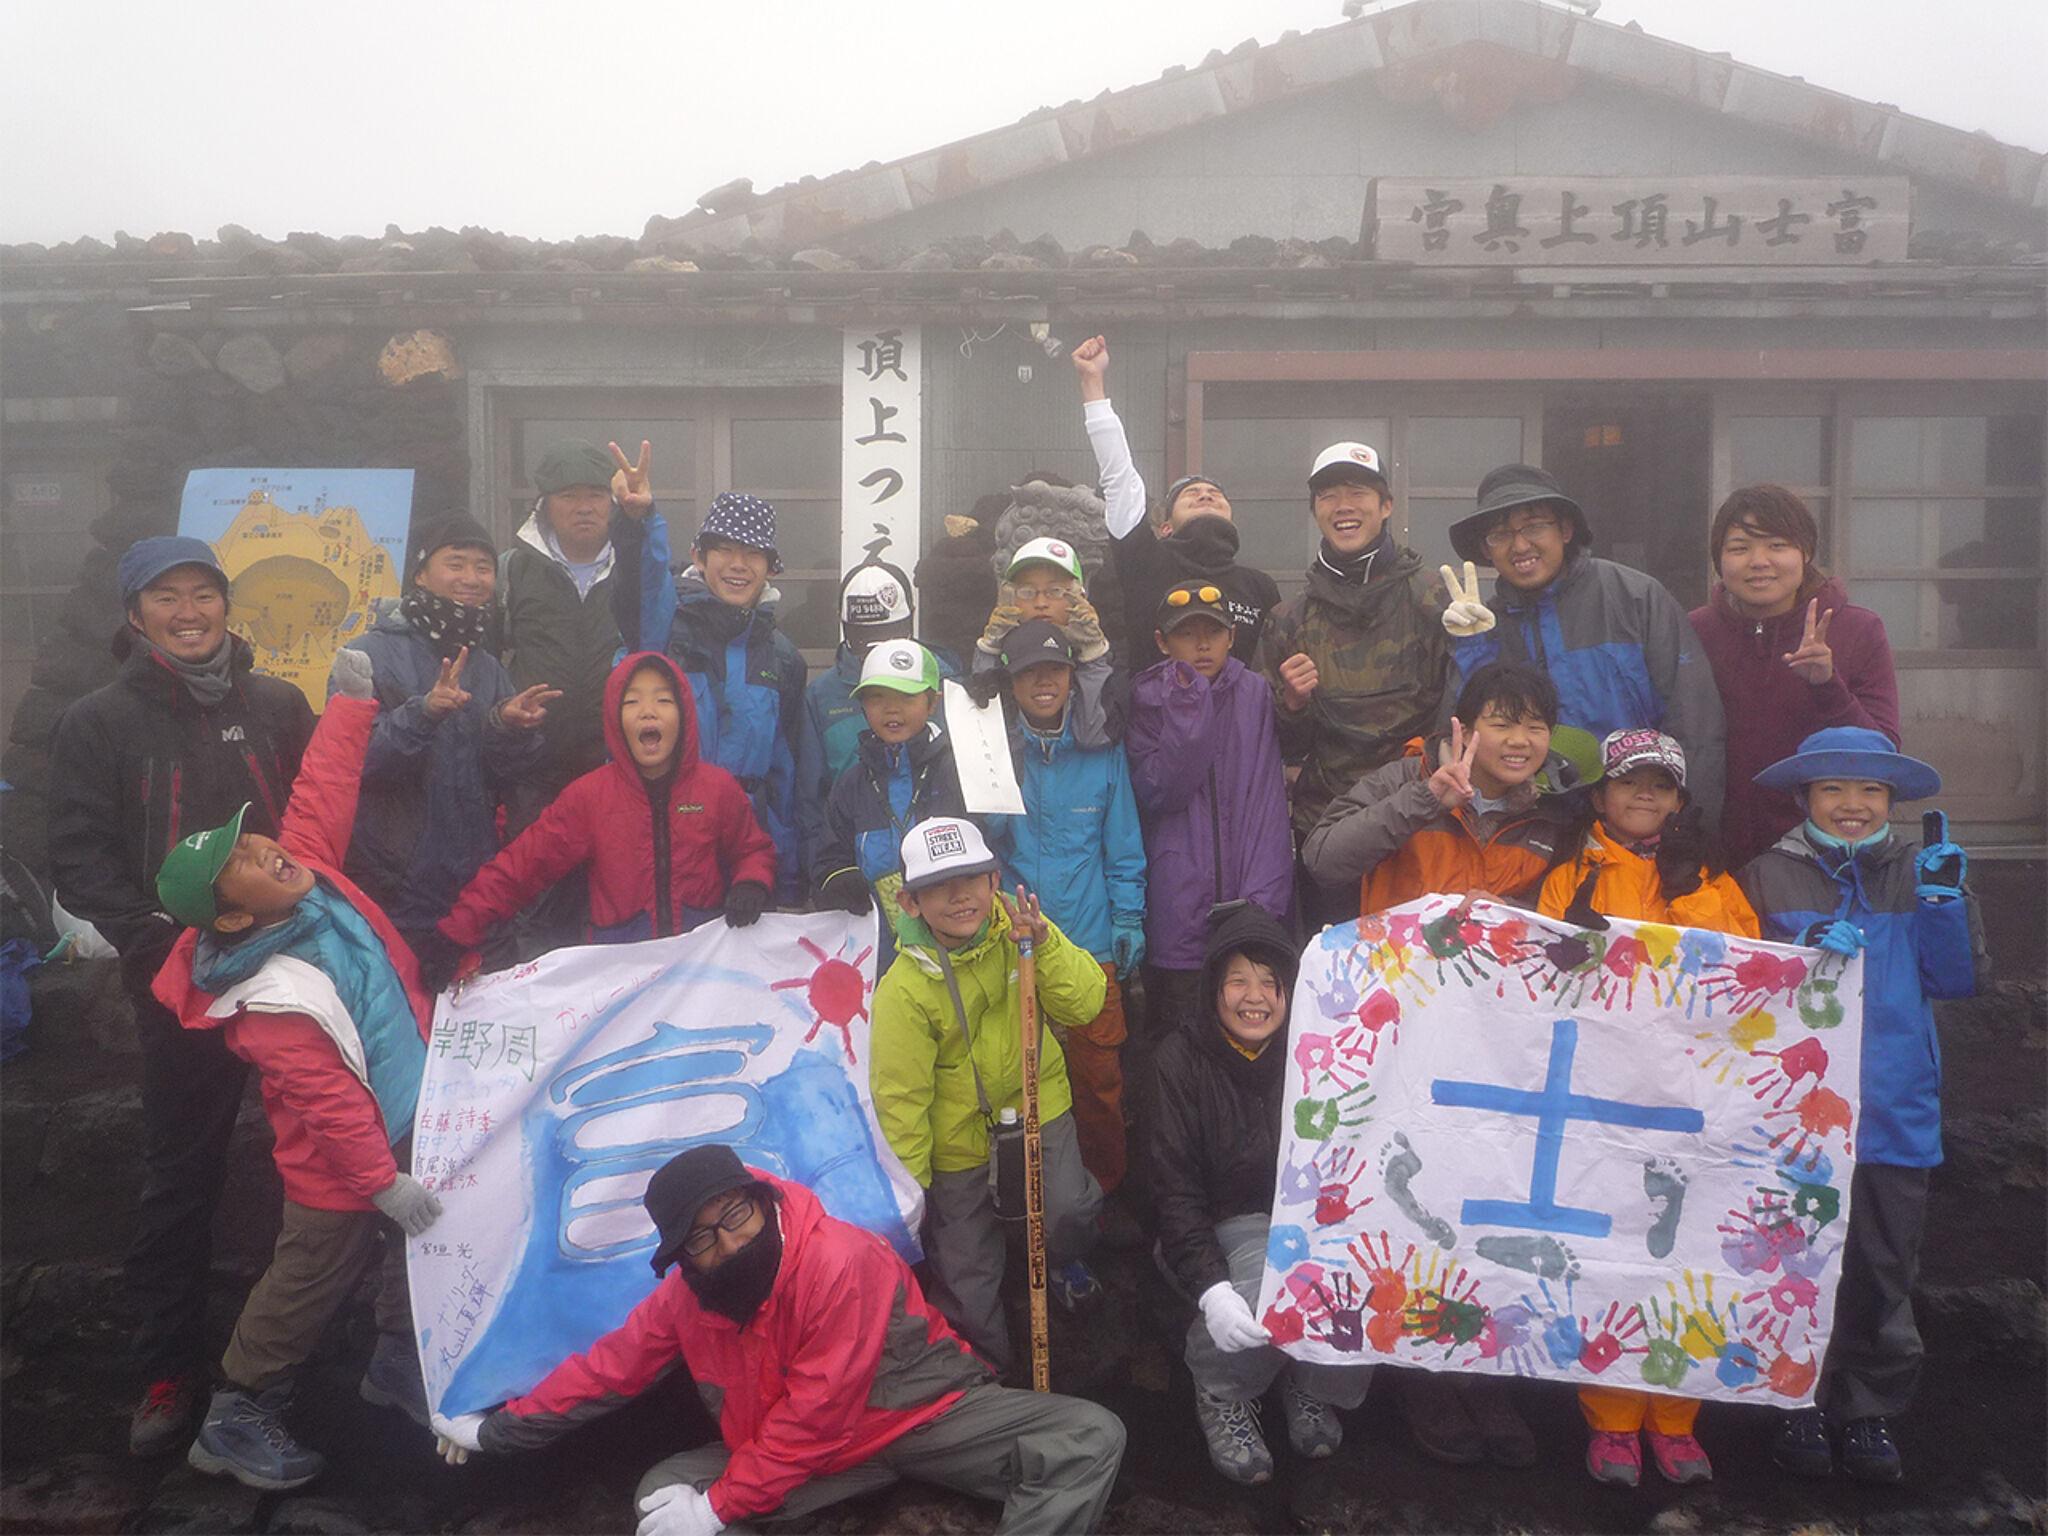 子どもたちと富士山に登っている画像